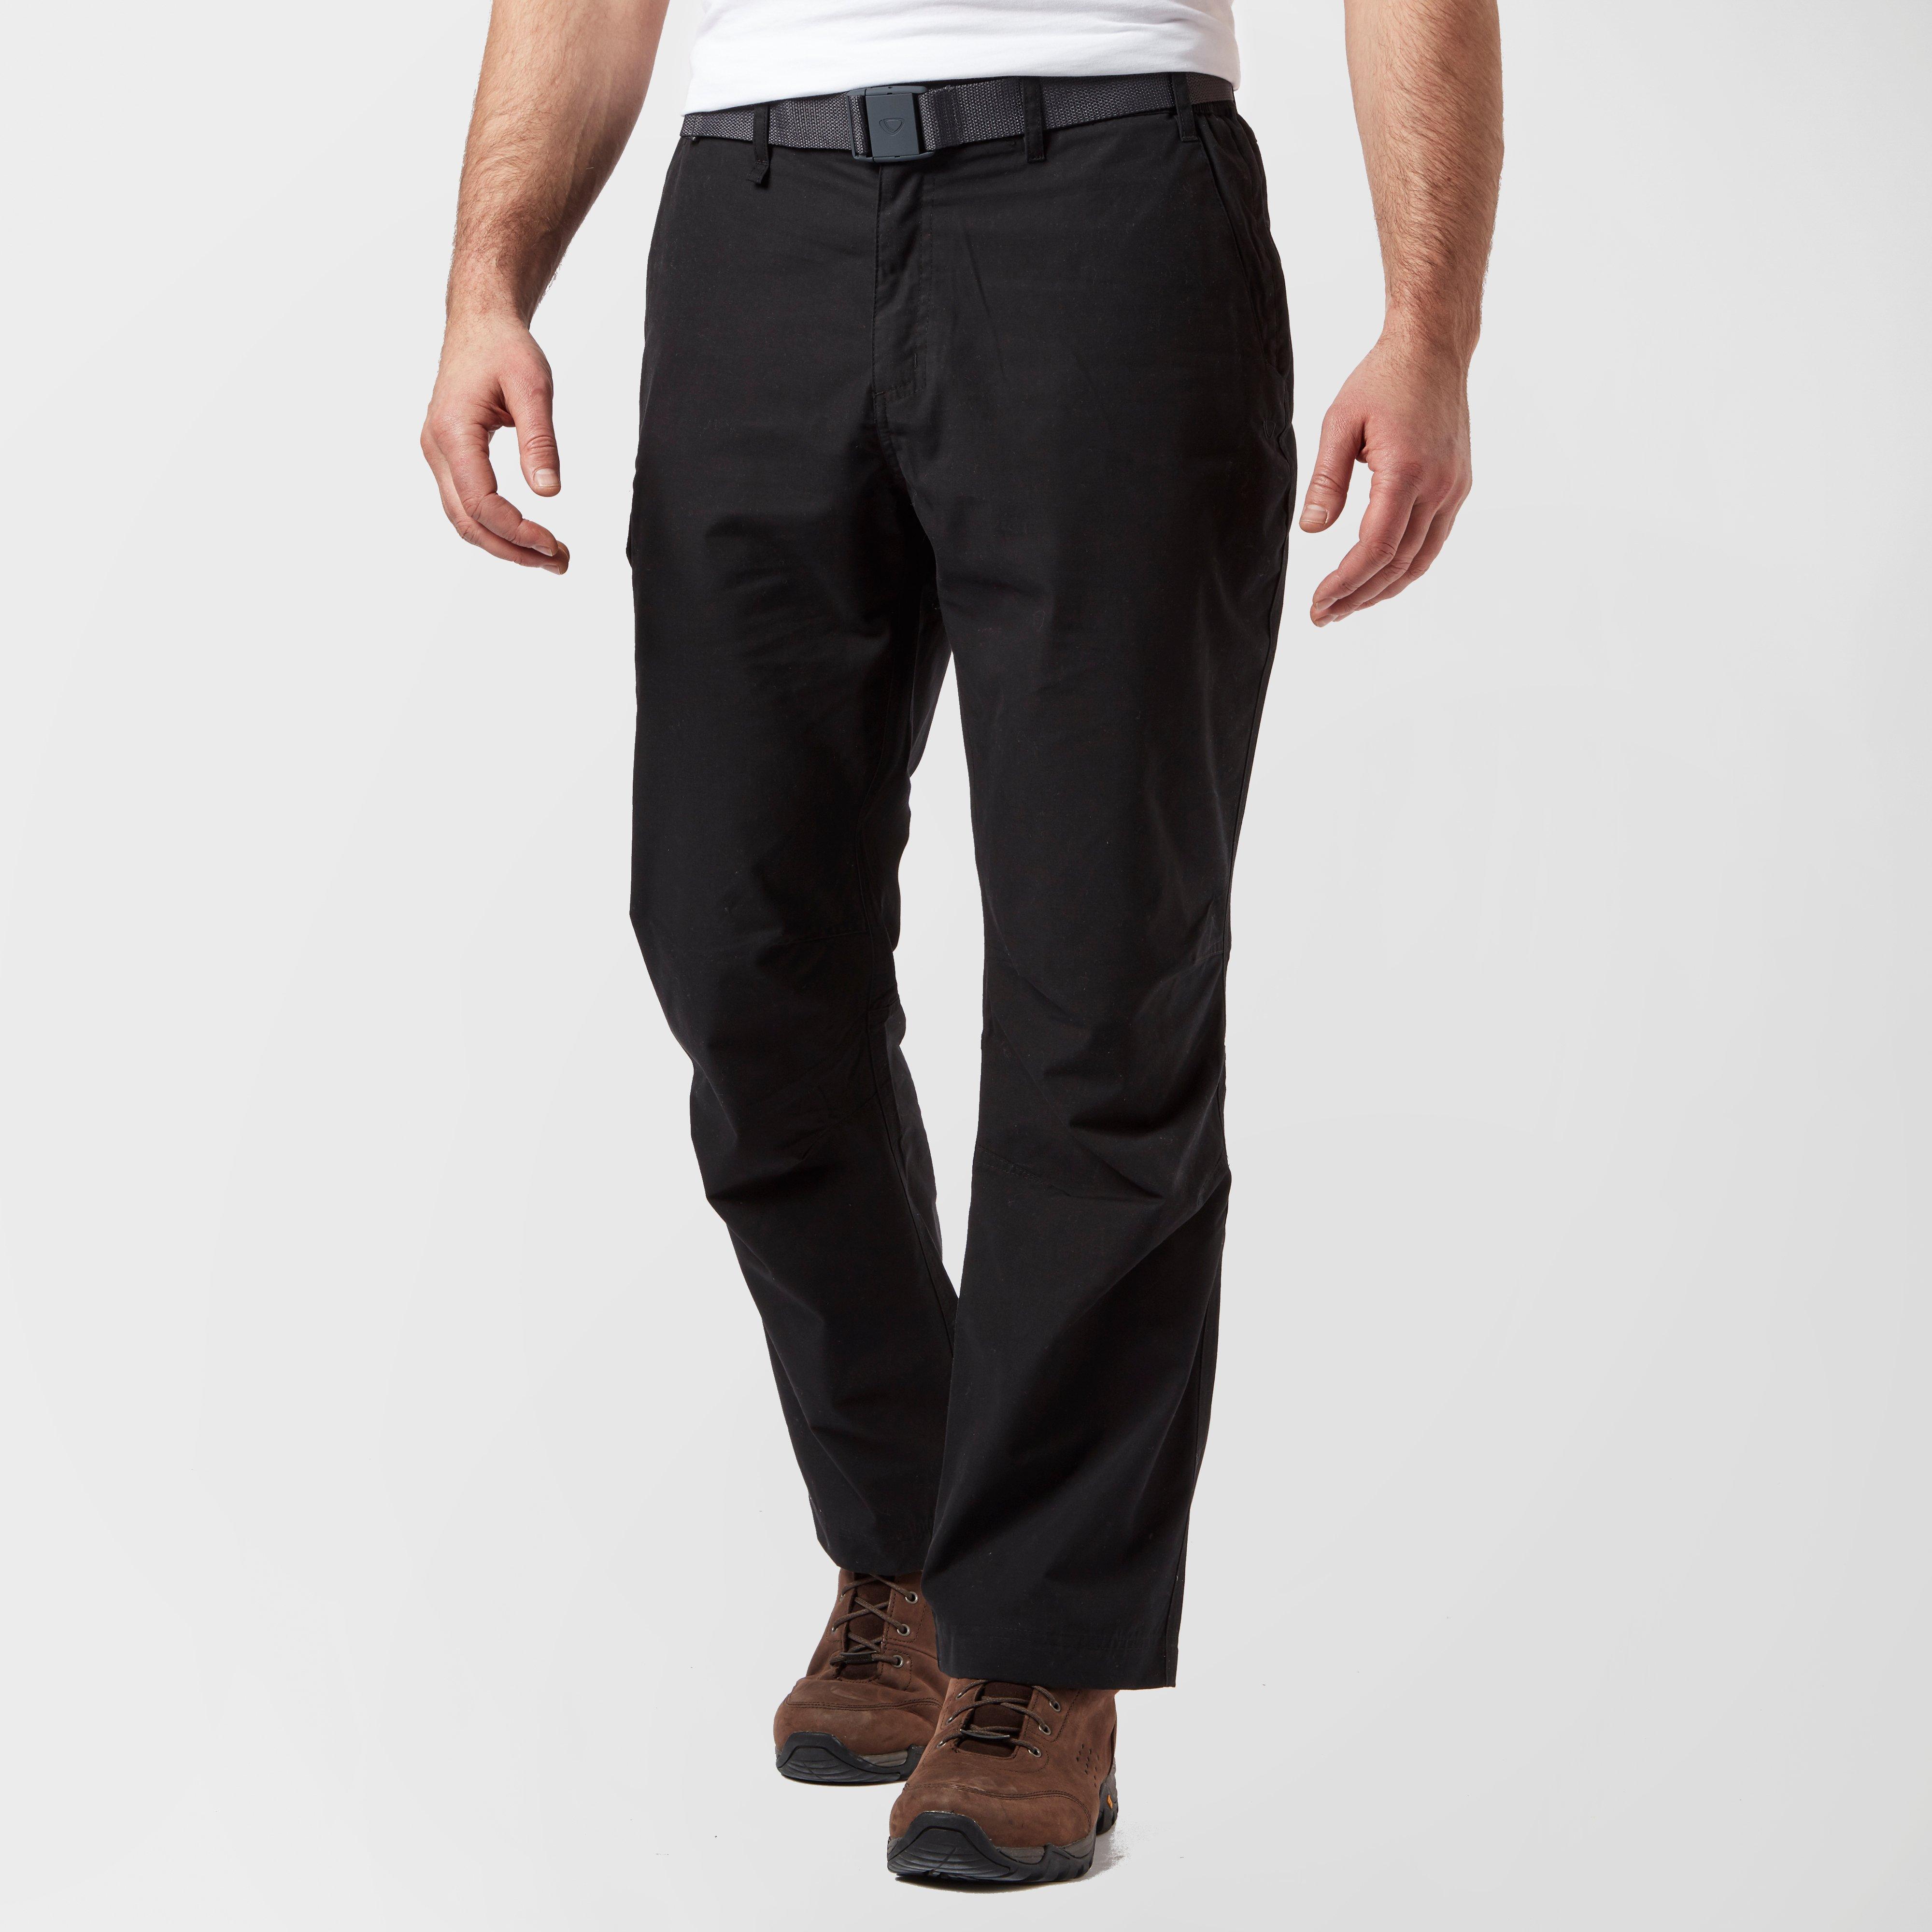 Brasher Brasher Mens Walking Trousers - Black, Black